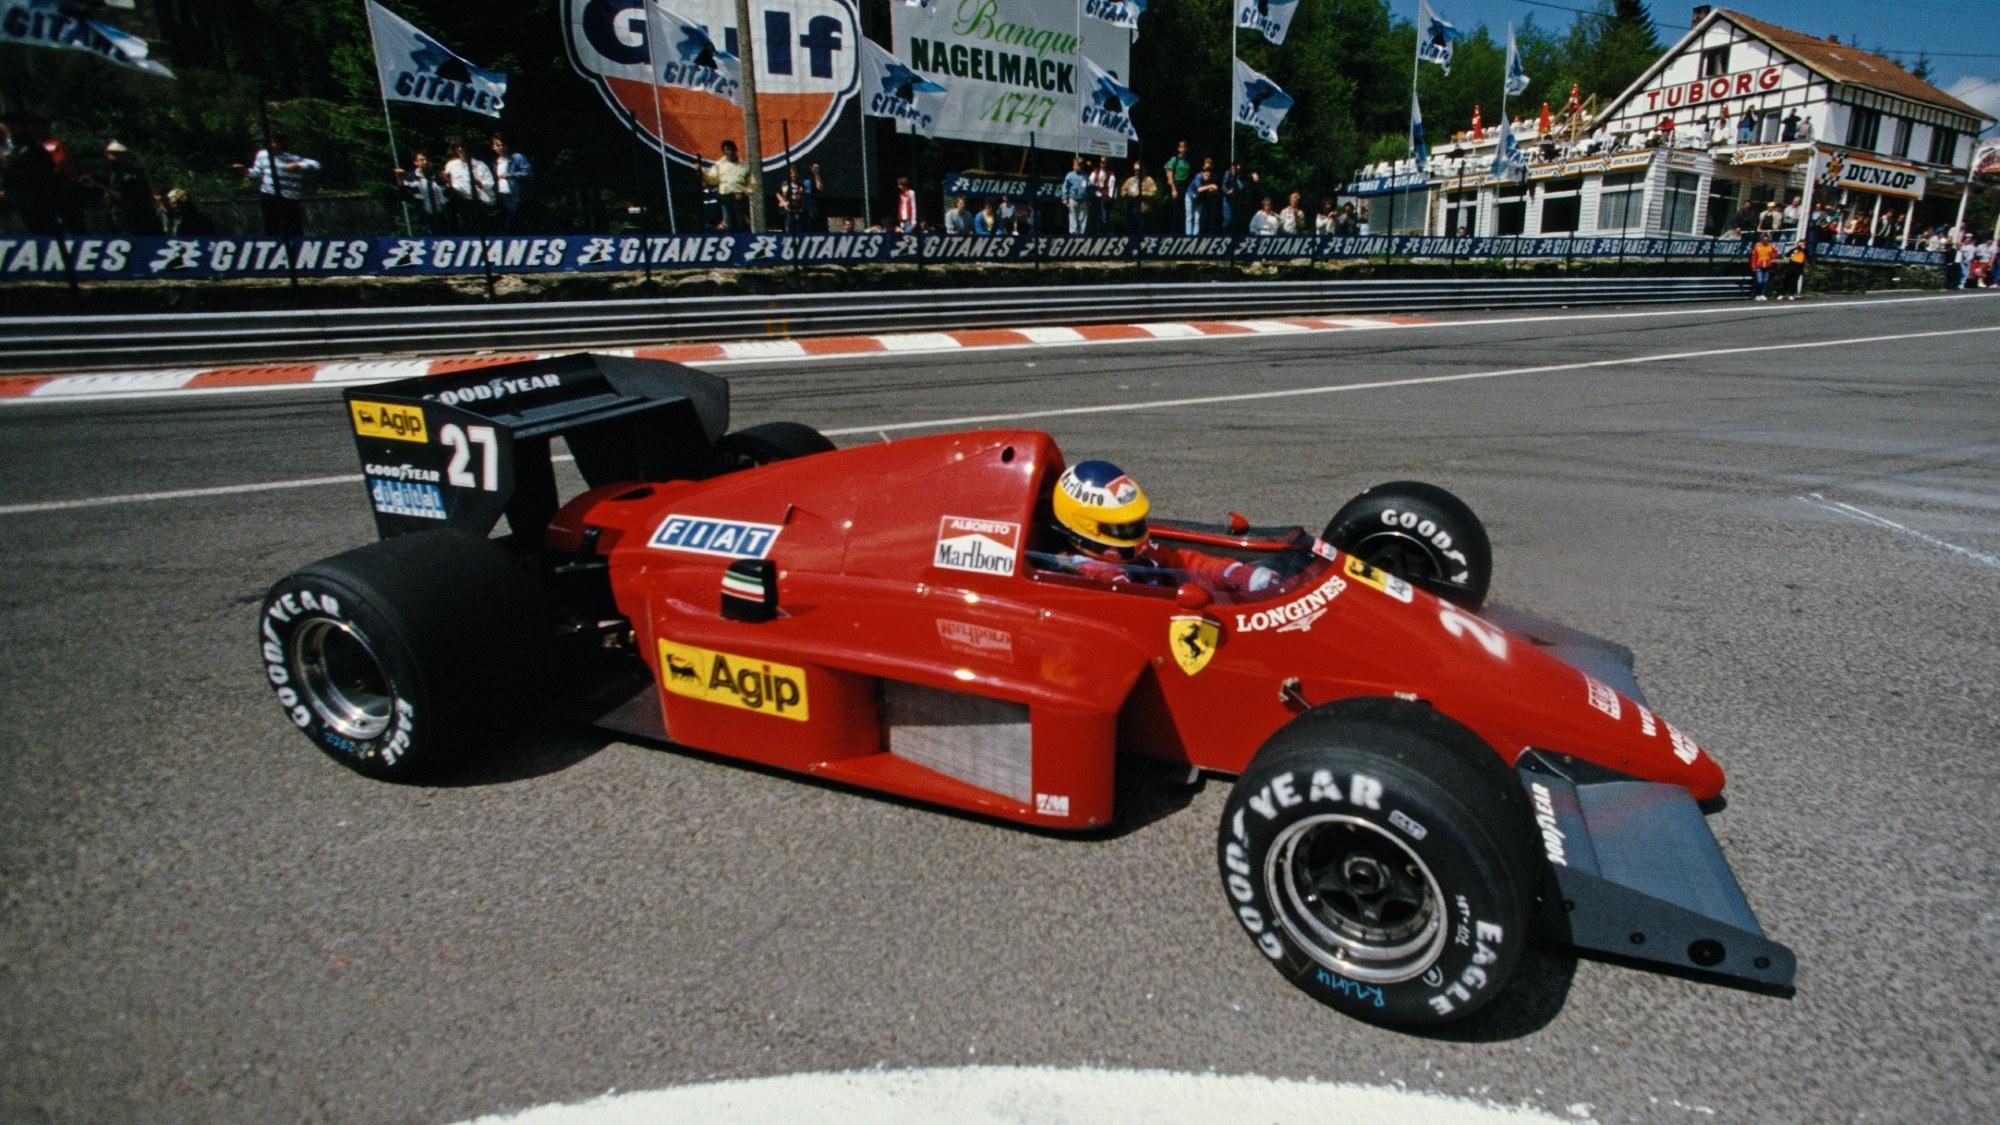 Michele Alboreto, Spa 1986